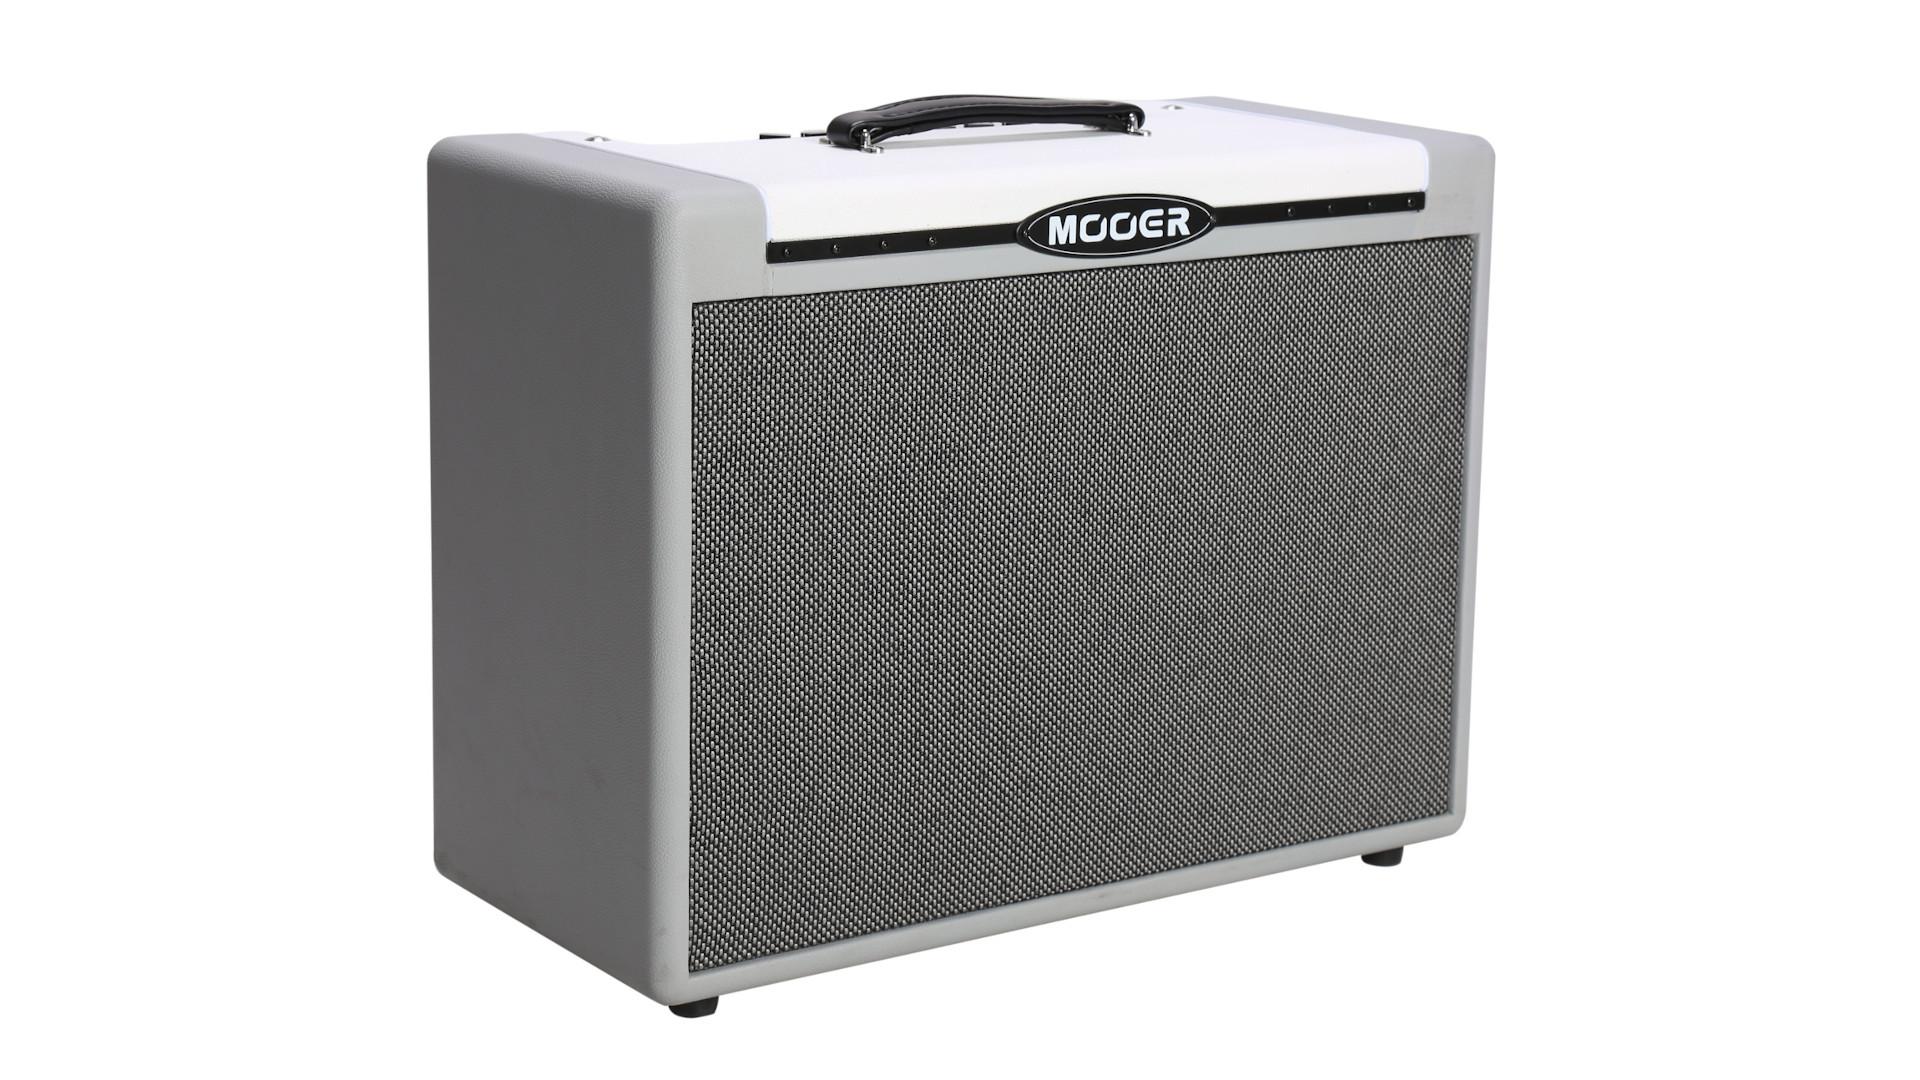 Mooer SD75 Modelling Amp